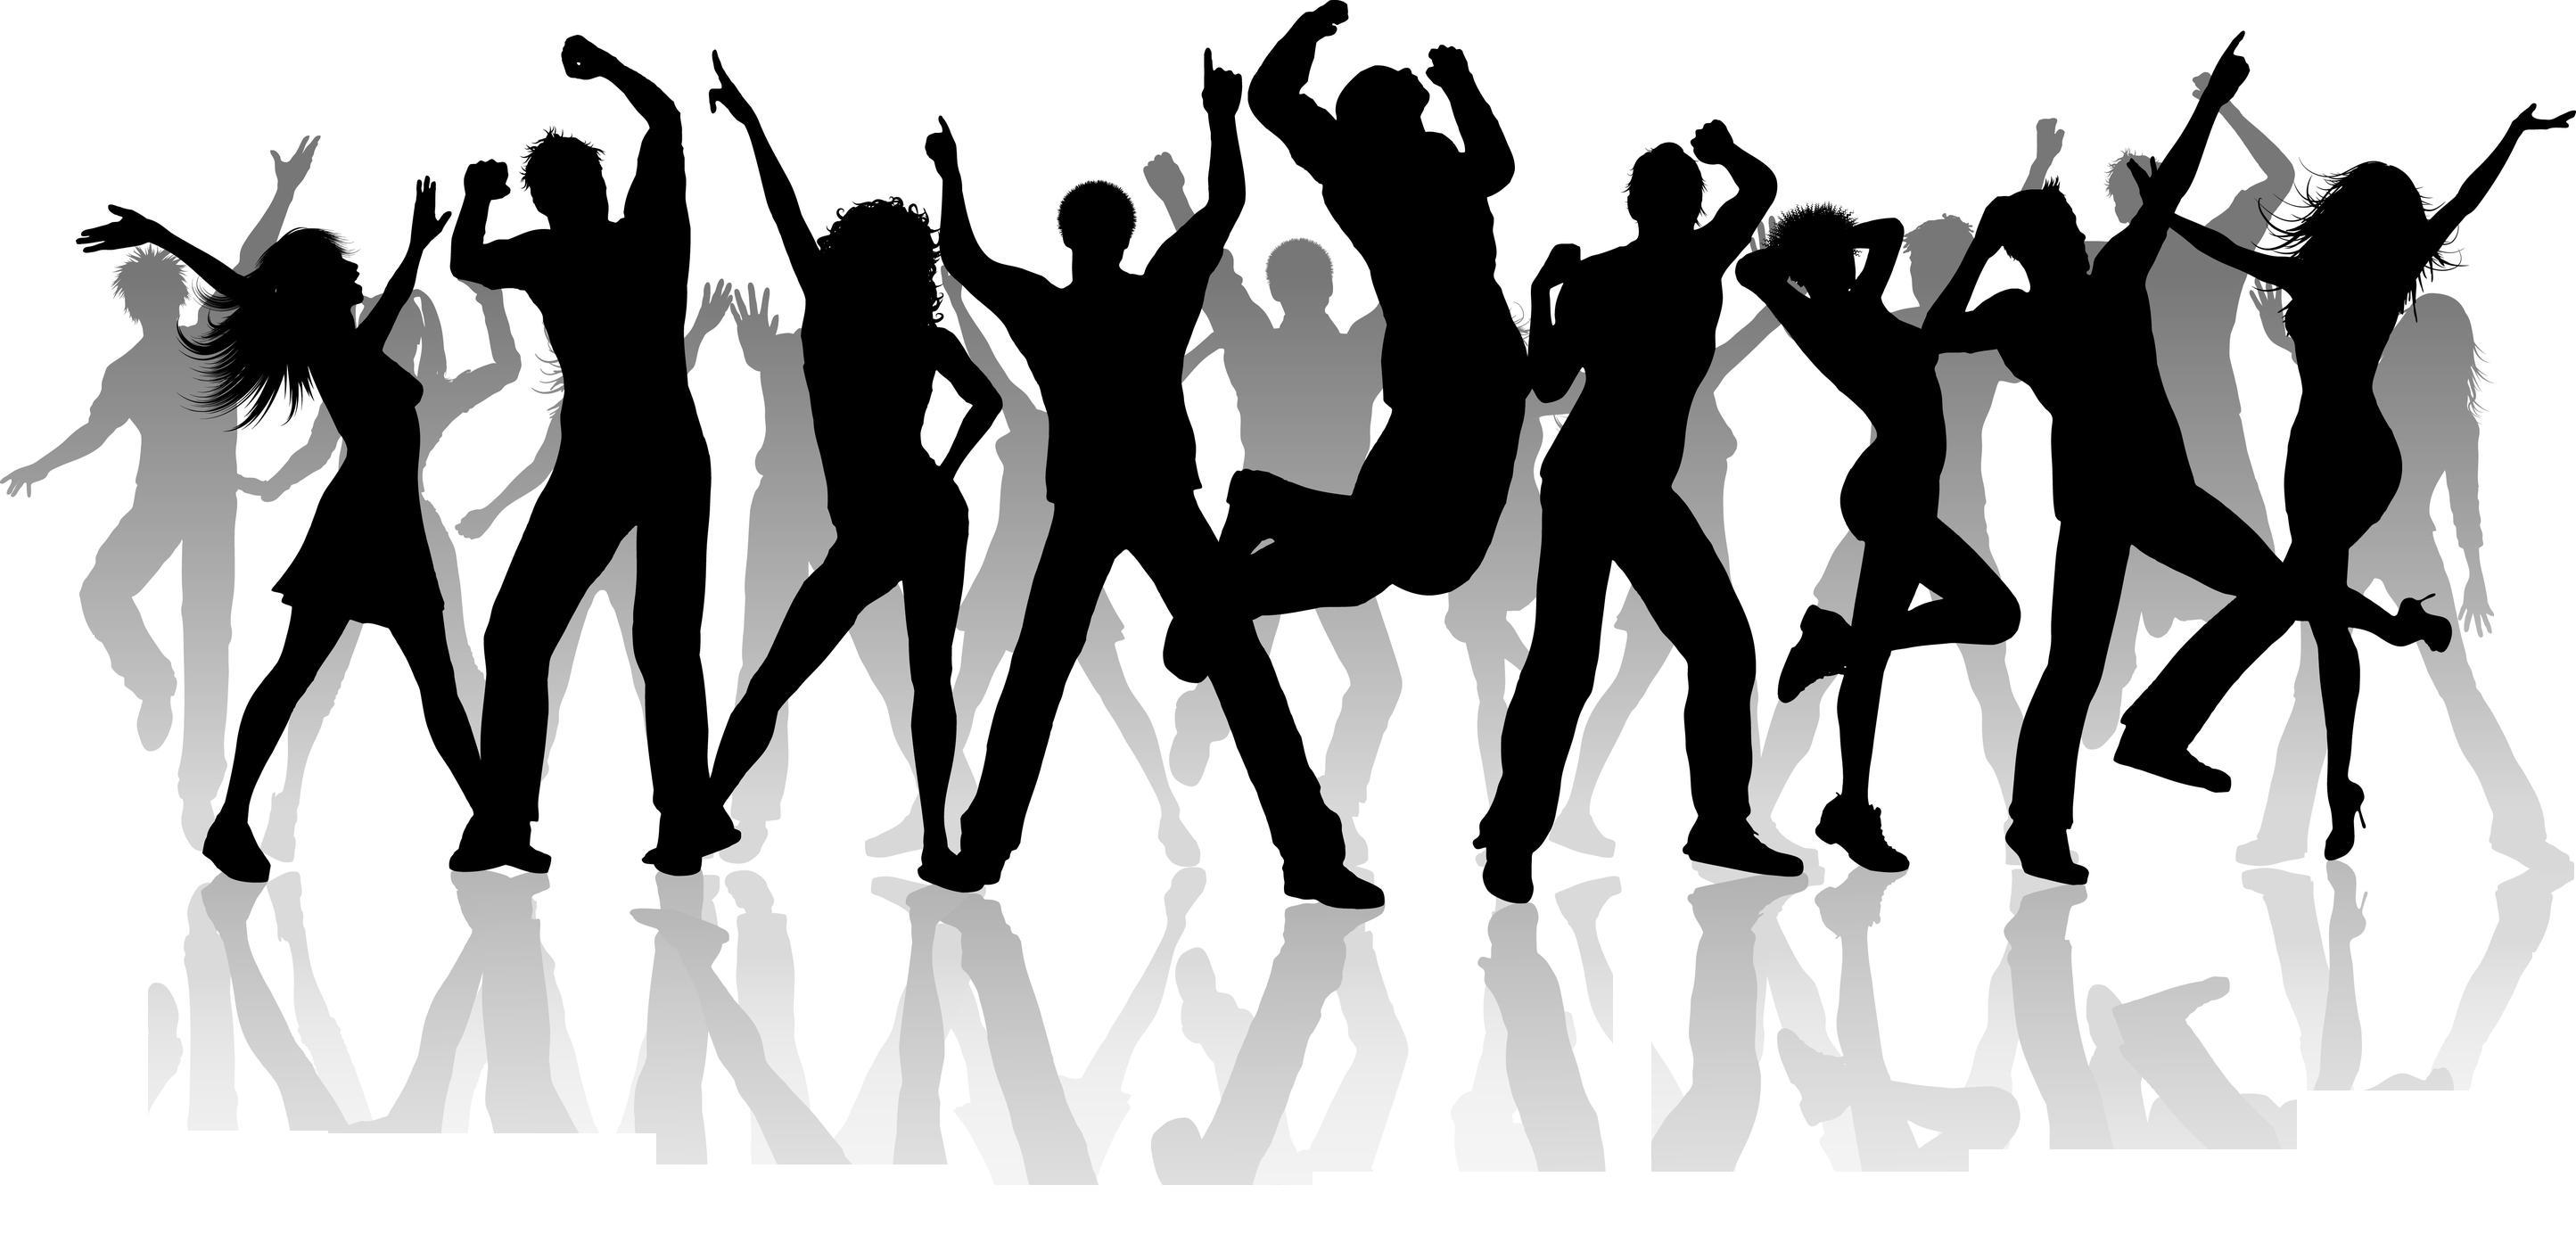 Dance clipart dance troupe. Group silhouette clip art